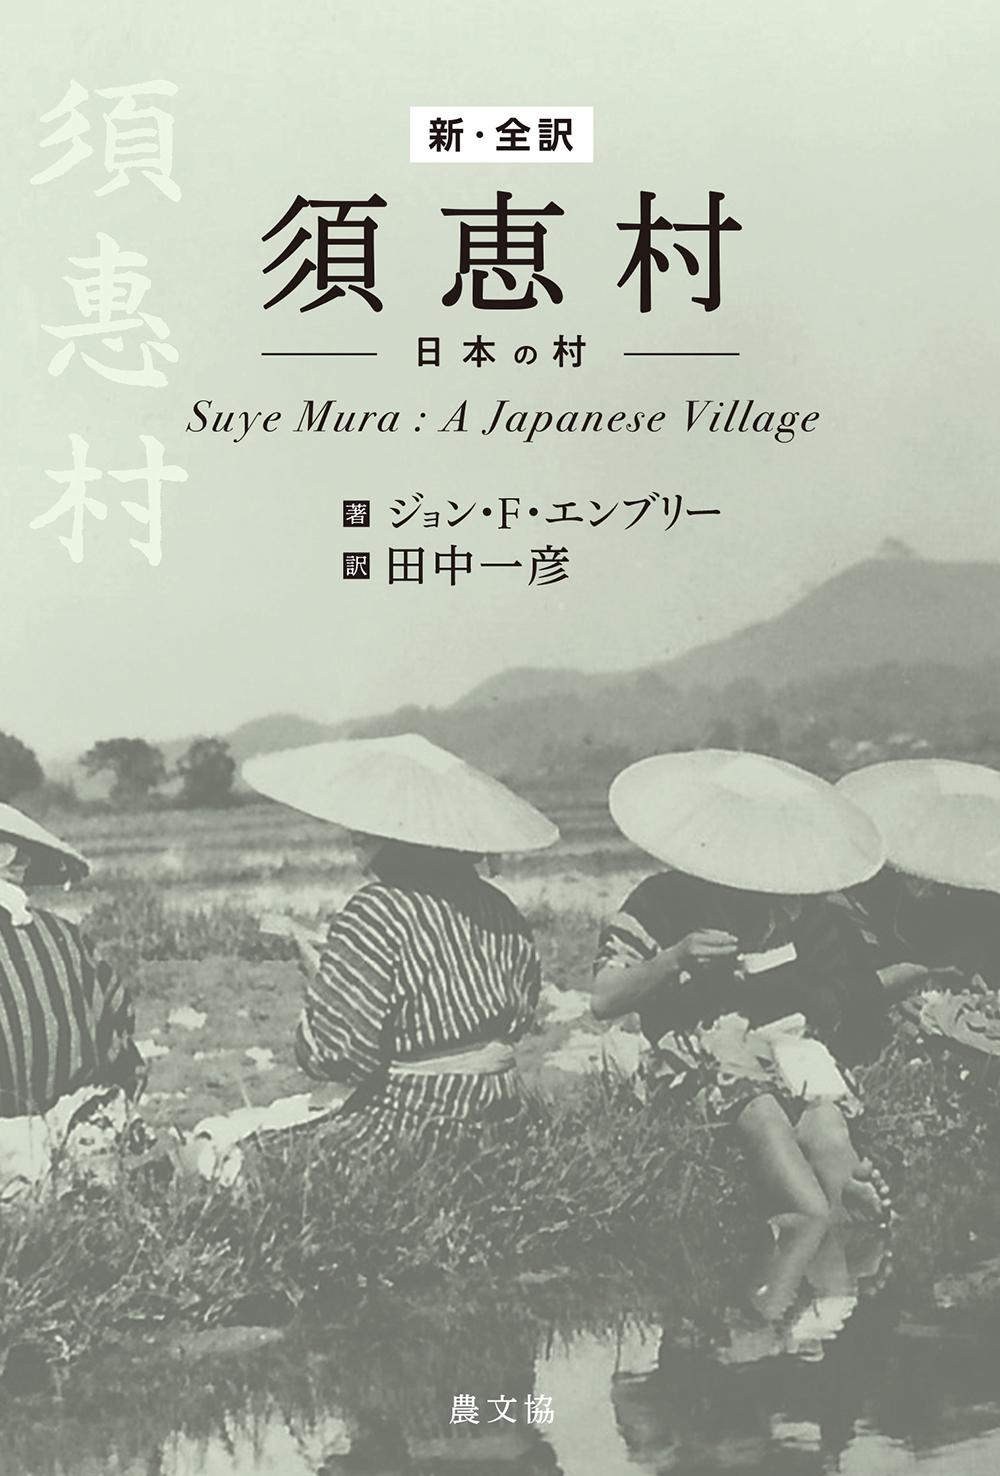 新・全訳 須恵村−日本の村